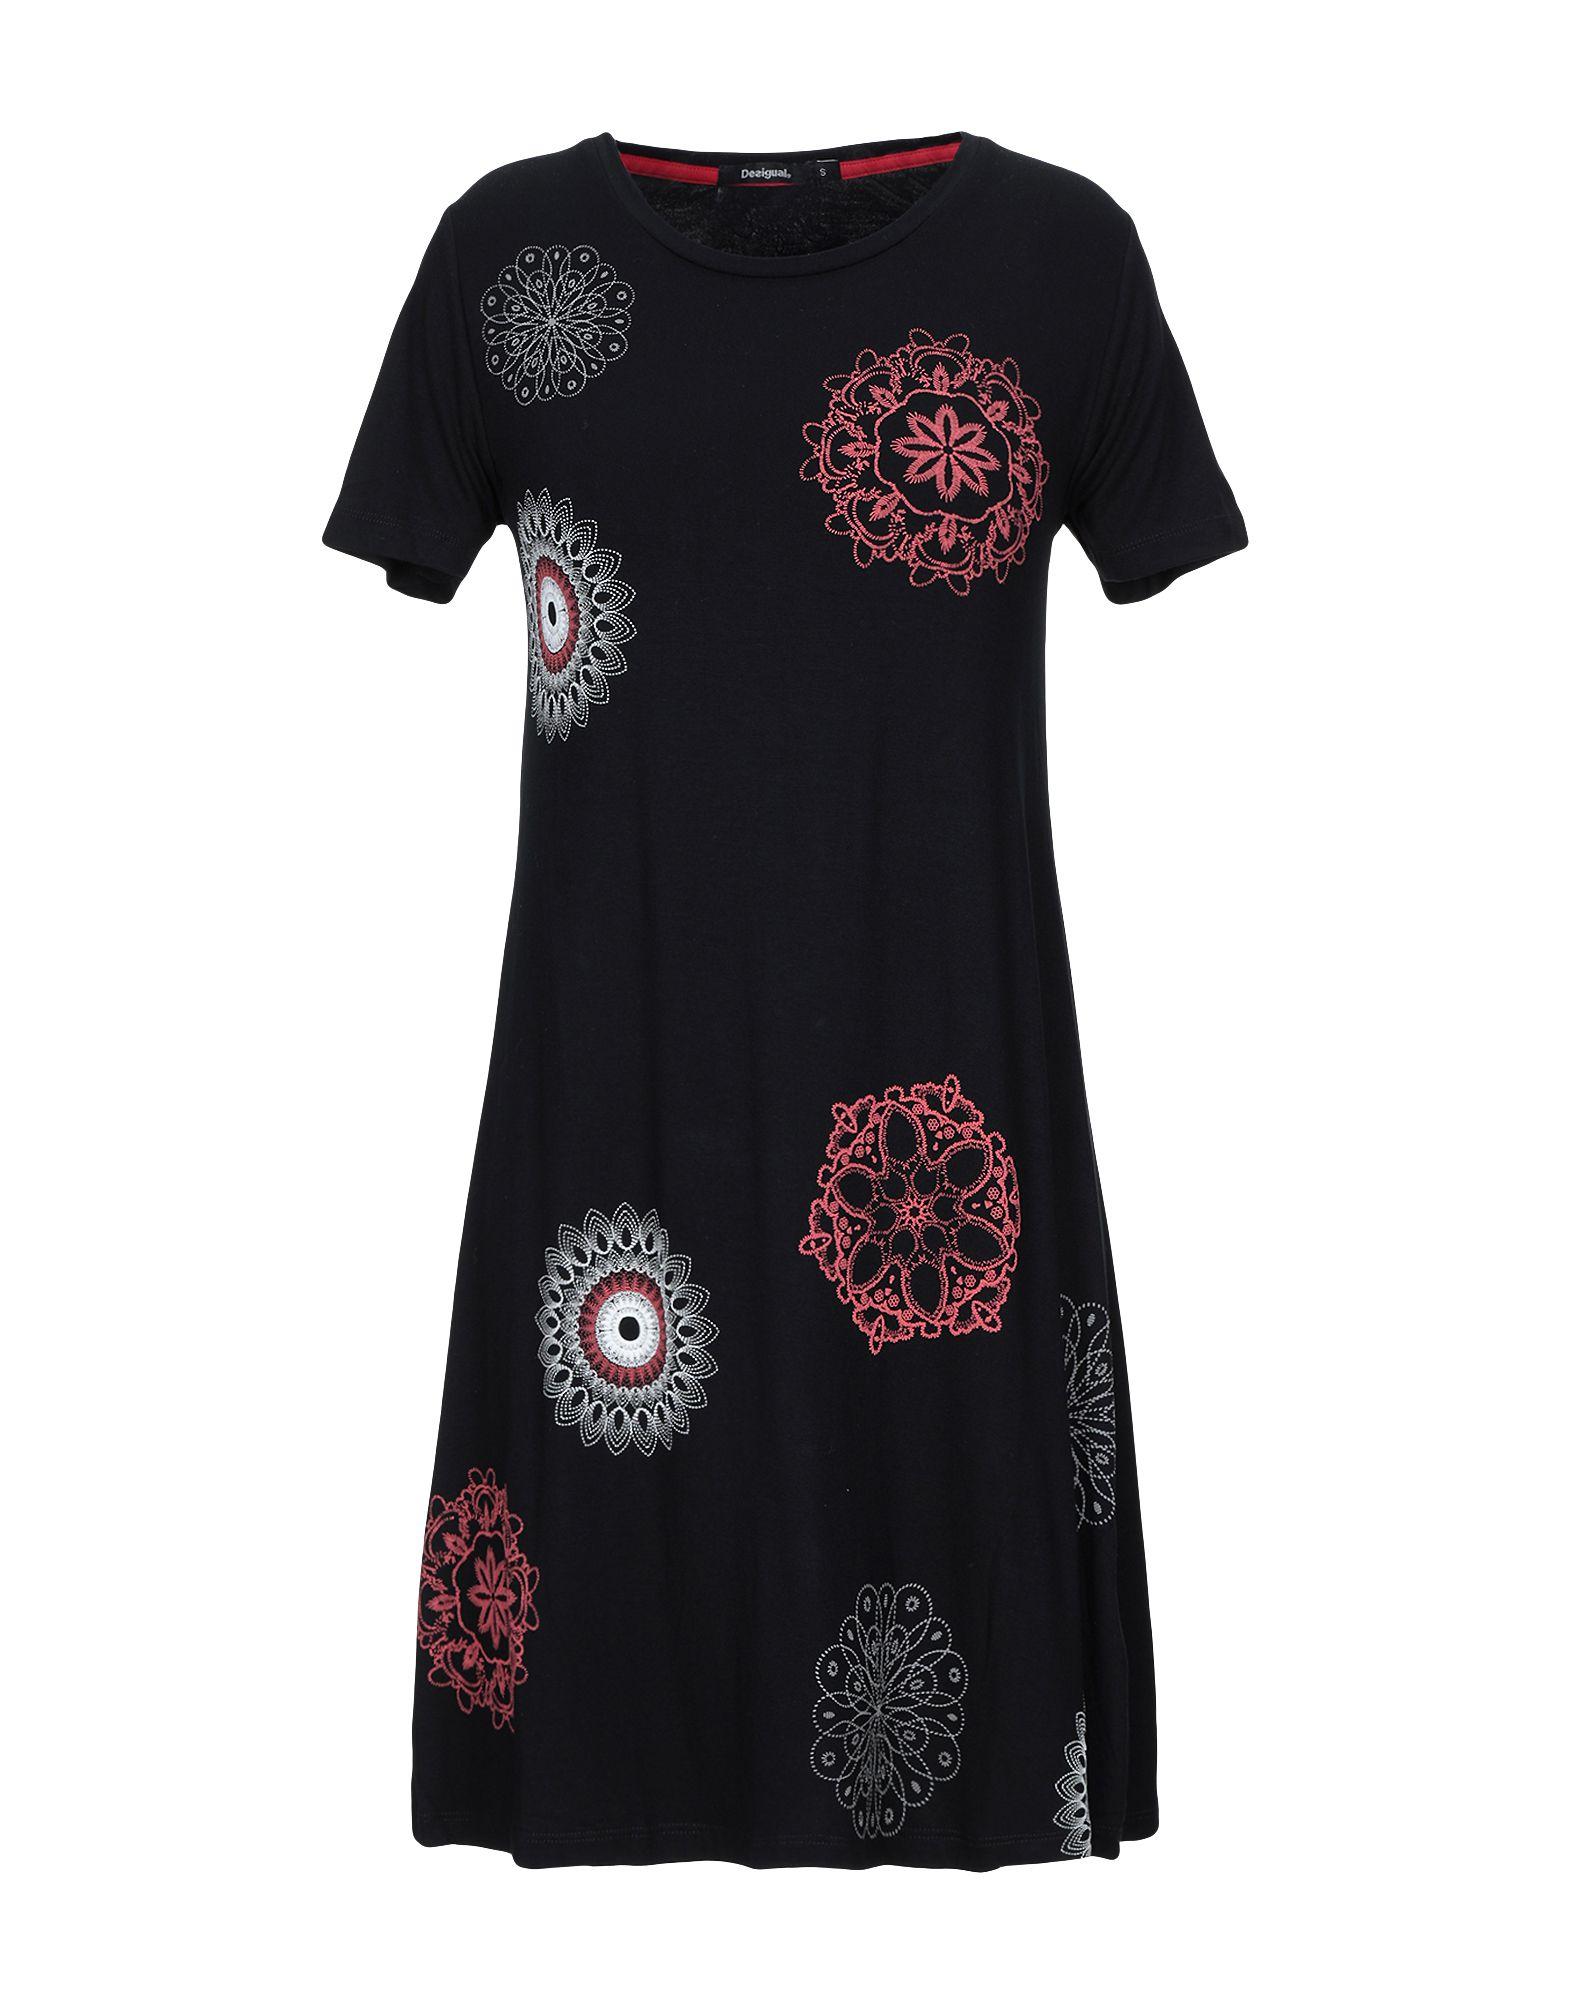 DESIGUAL Damen Kurzes Kleid Farbe Schwarz Größe 6